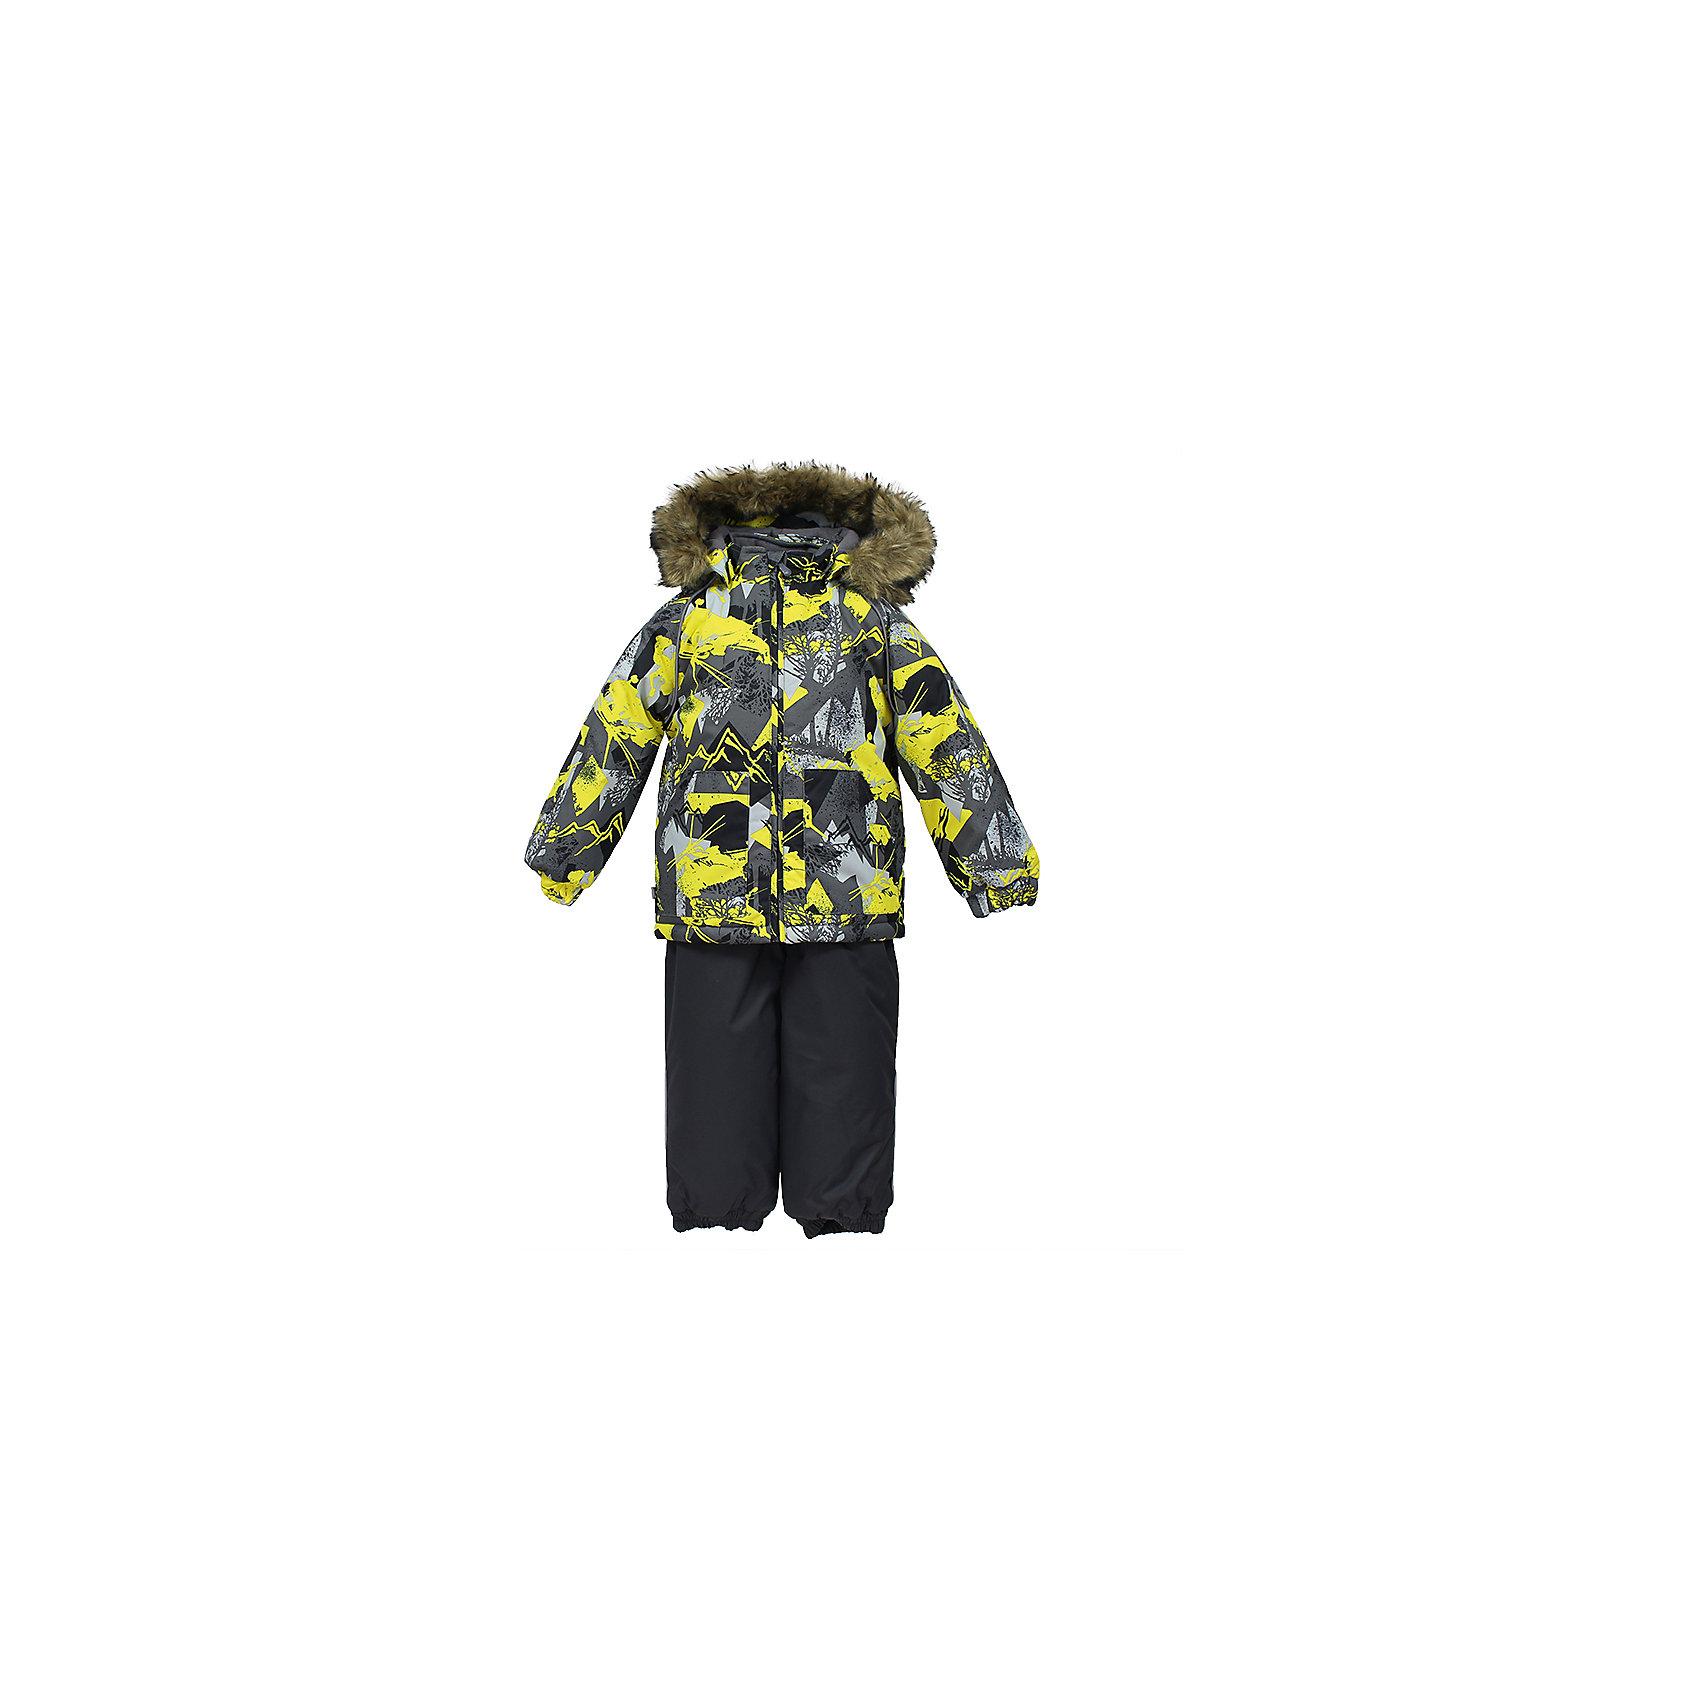 Комплект: куртка и брюки AVERY HuppaКомплекты<br>Комплект для малышей  AVERY.Водо и воздухонепроницаемость 10 000 . Утеплитель 300 гр куртка/160 гр брюки. Подкладка фланель 100% хлопок.Отстегивающийся капюшон с мехом.Манжеты рукавов на резинке. Манжеты брюк на резинке.Добавлены петли для ступней.Резиновые подтяжки.Имеются светоотражательные элементы.<br>Состав:<br>100% Полиэстер<br><br>Ширина мм: 356<br>Глубина мм: 10<br>Высота мм: 245<br>Вес г: 519<br>Цвет: серый<br>Возраст от месяцев: 36<br>Возраст до месяцев: 48<br>Пол: Унисекс<br>Возраст: Детский<br>Размер: 104,80,86,92,98<br>SKU: 7027000